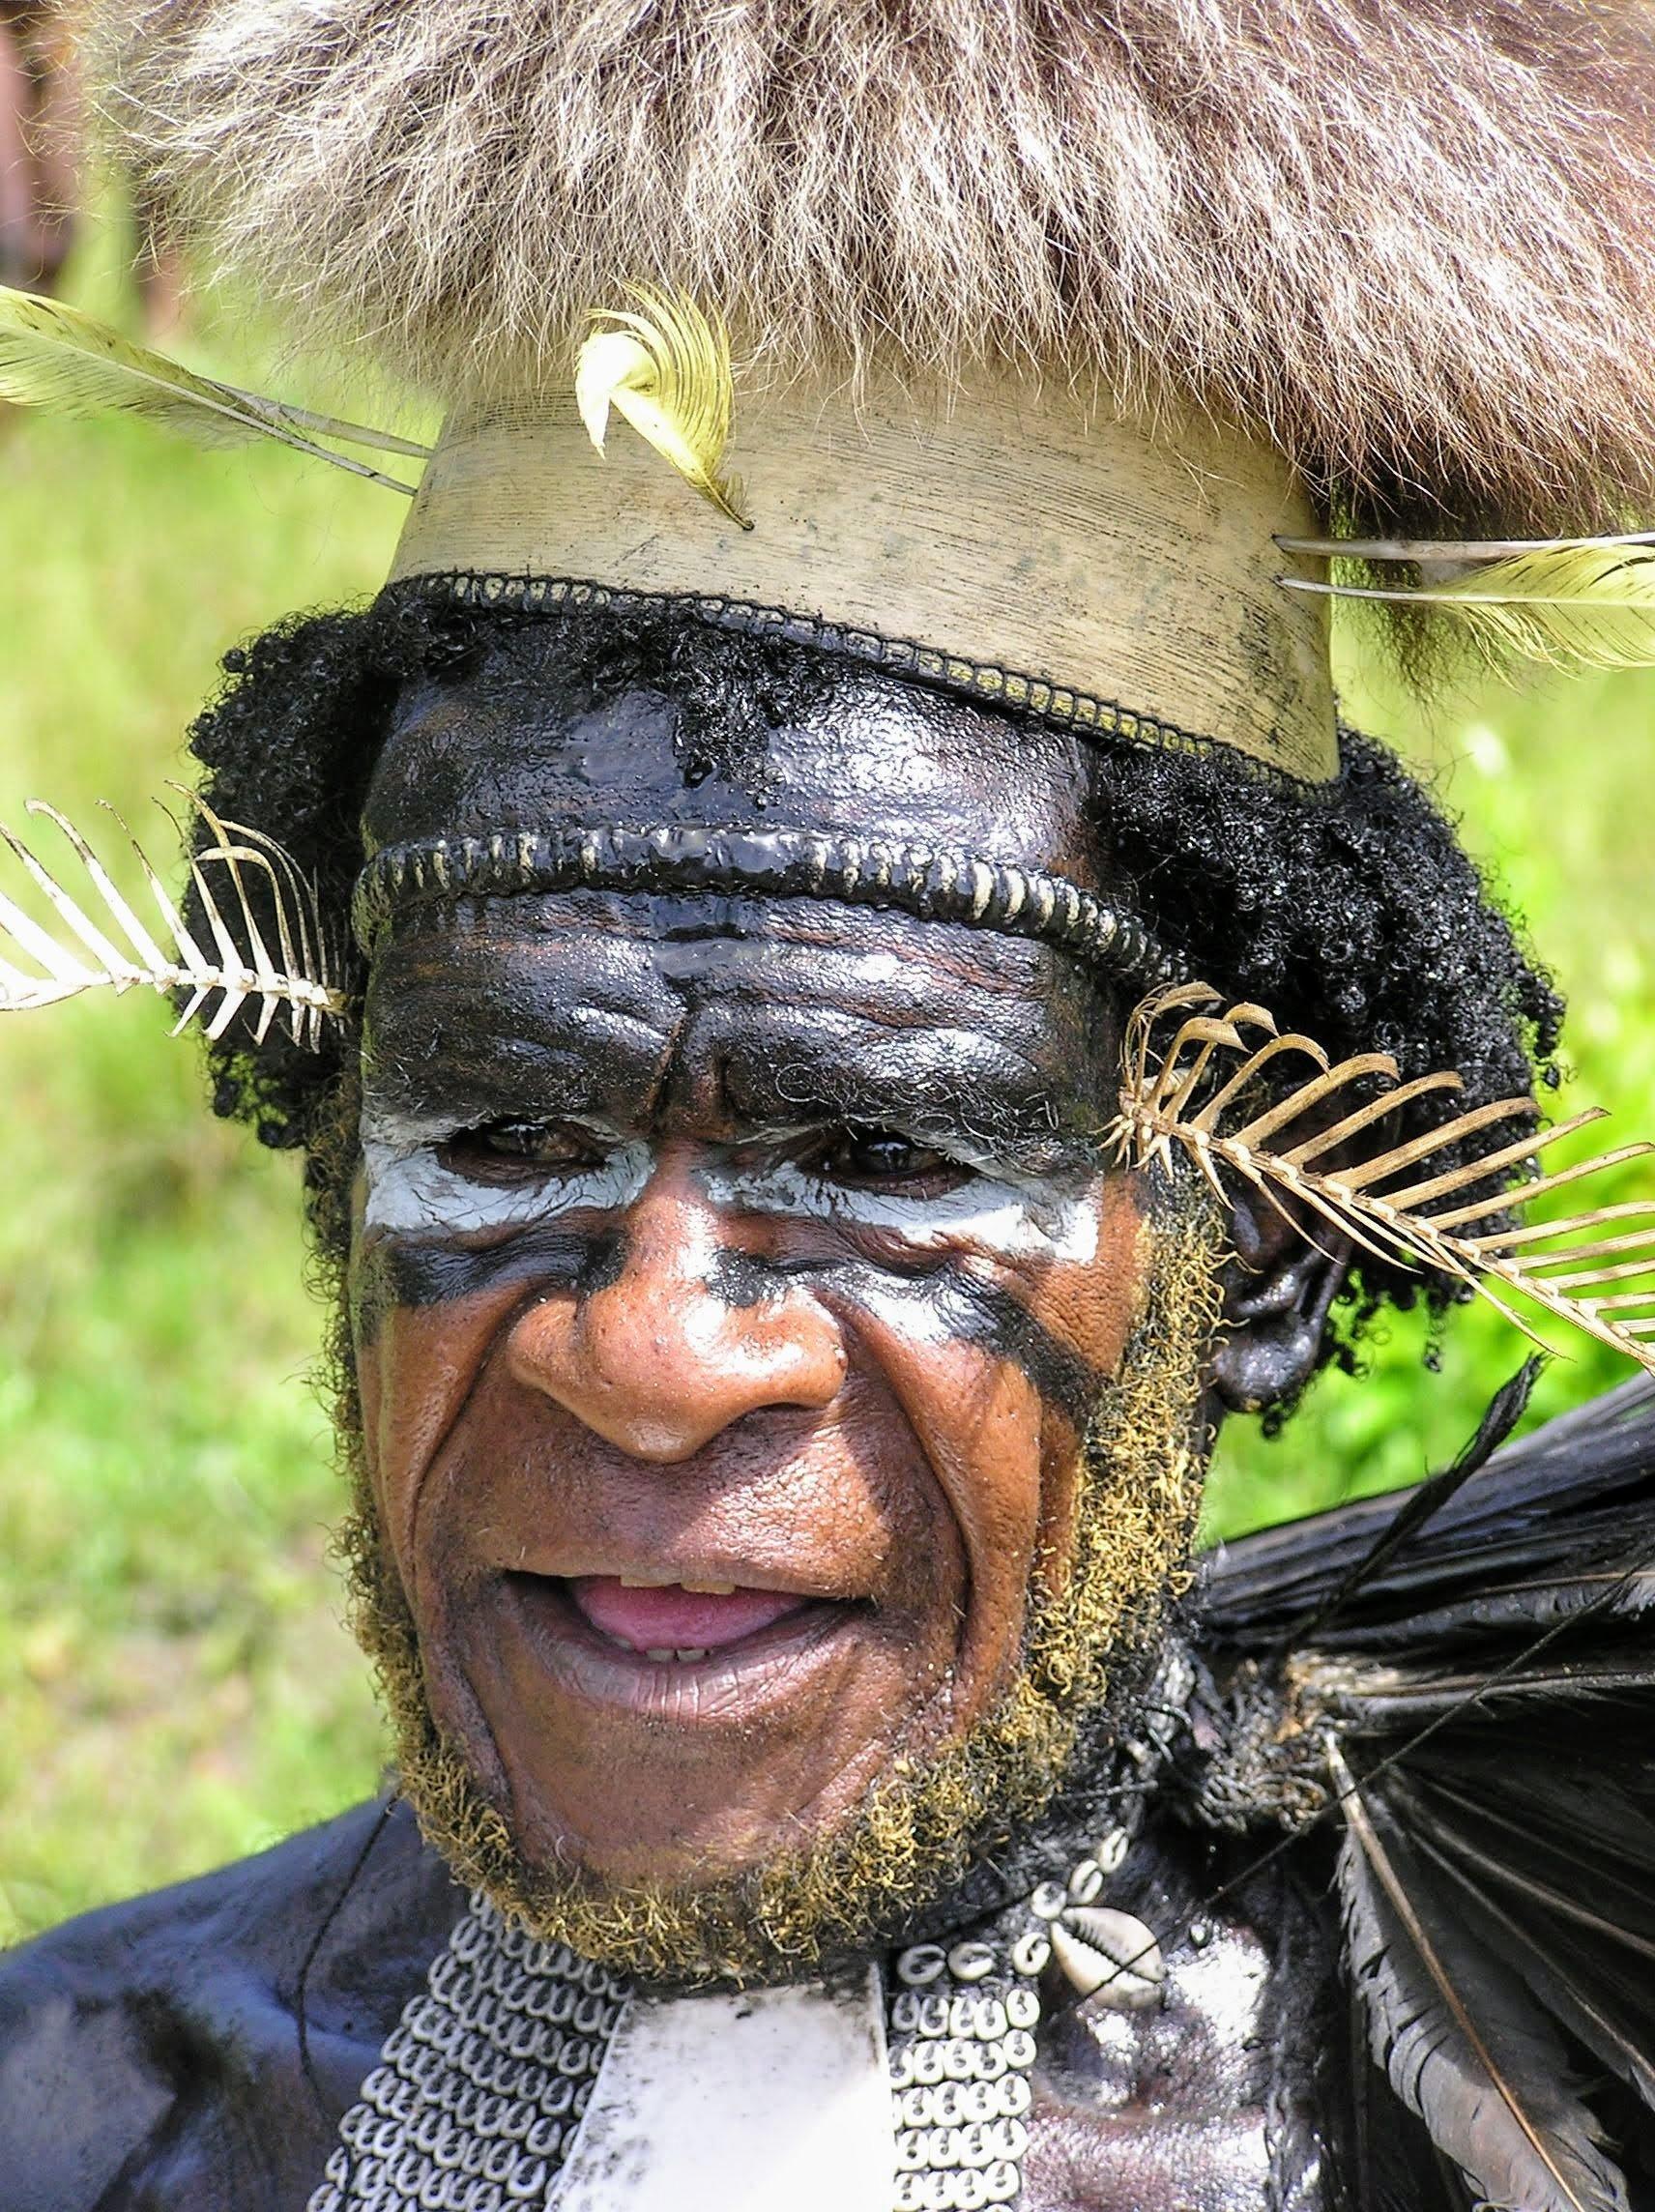 Putovanje Indonezija - Papua - Festival i treking u dolini Baliem (12)